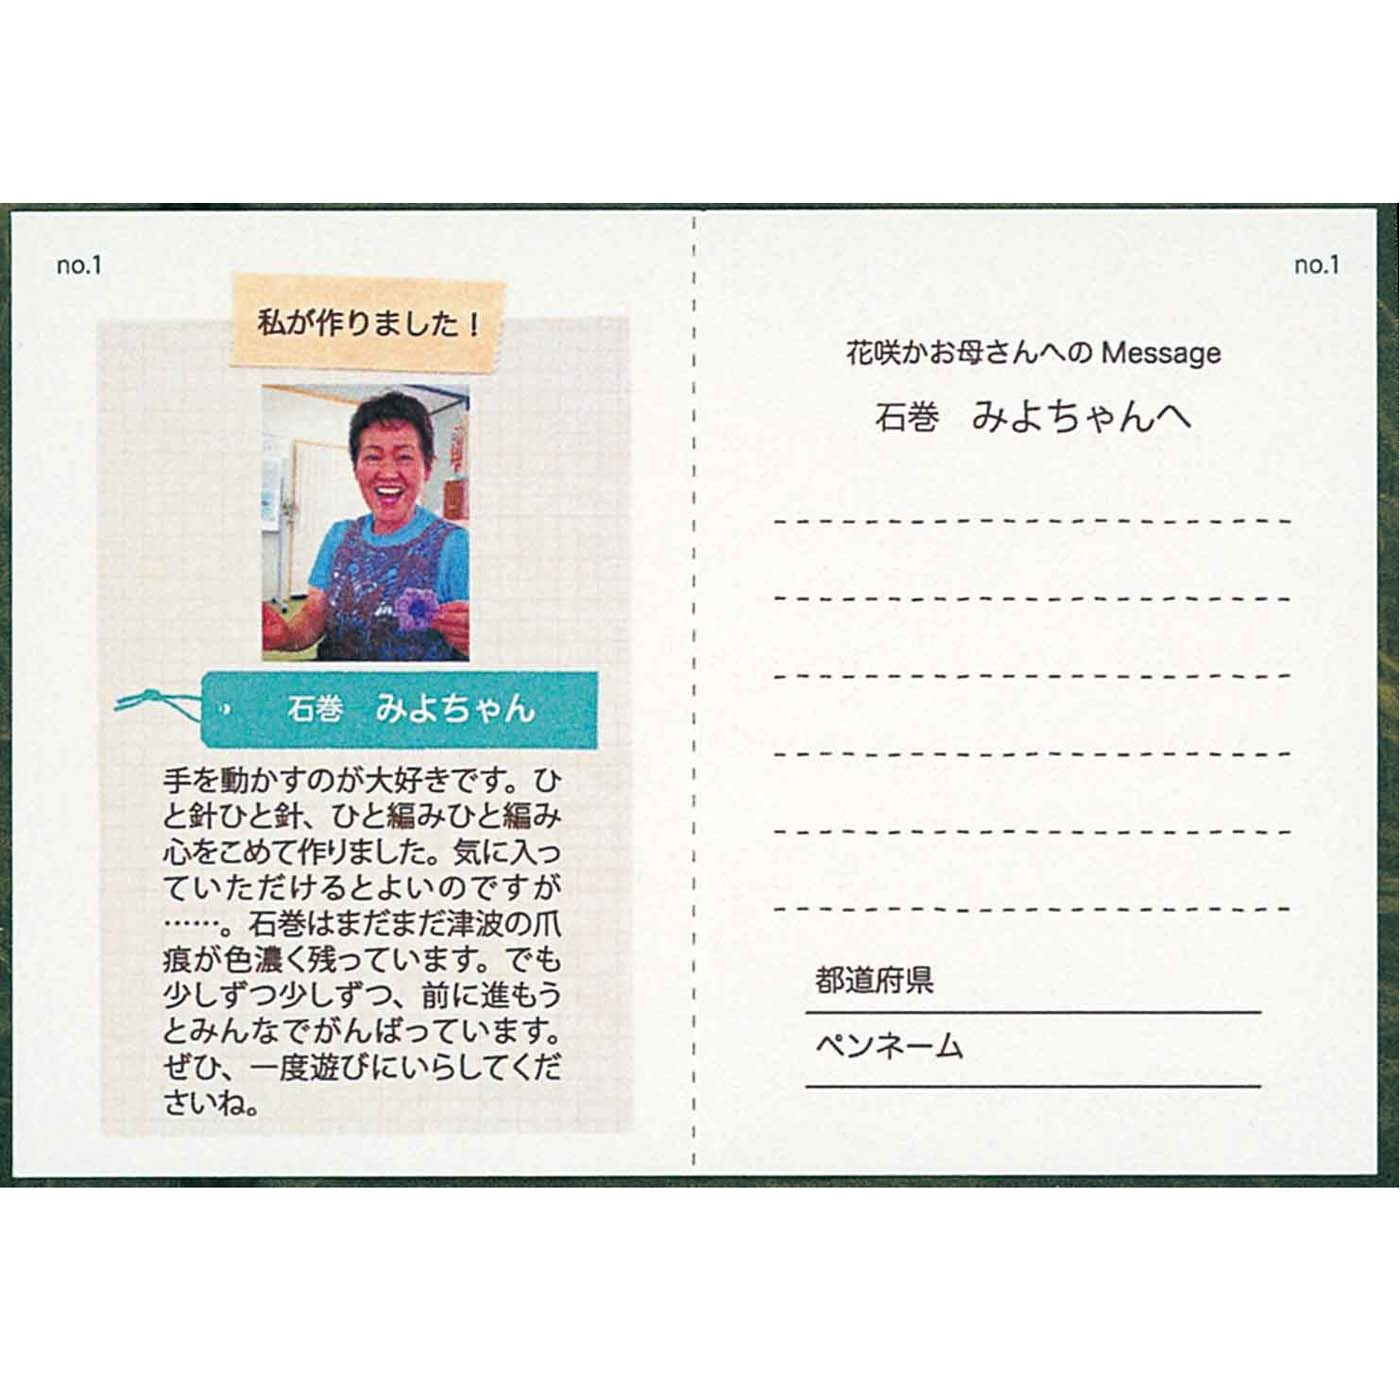 商品にはお母さんからのメッセージを書かれた「私が作りました」カード付き。作り手のお母さんに、あなたからのメッセージもフェリシモを通して返信できます。